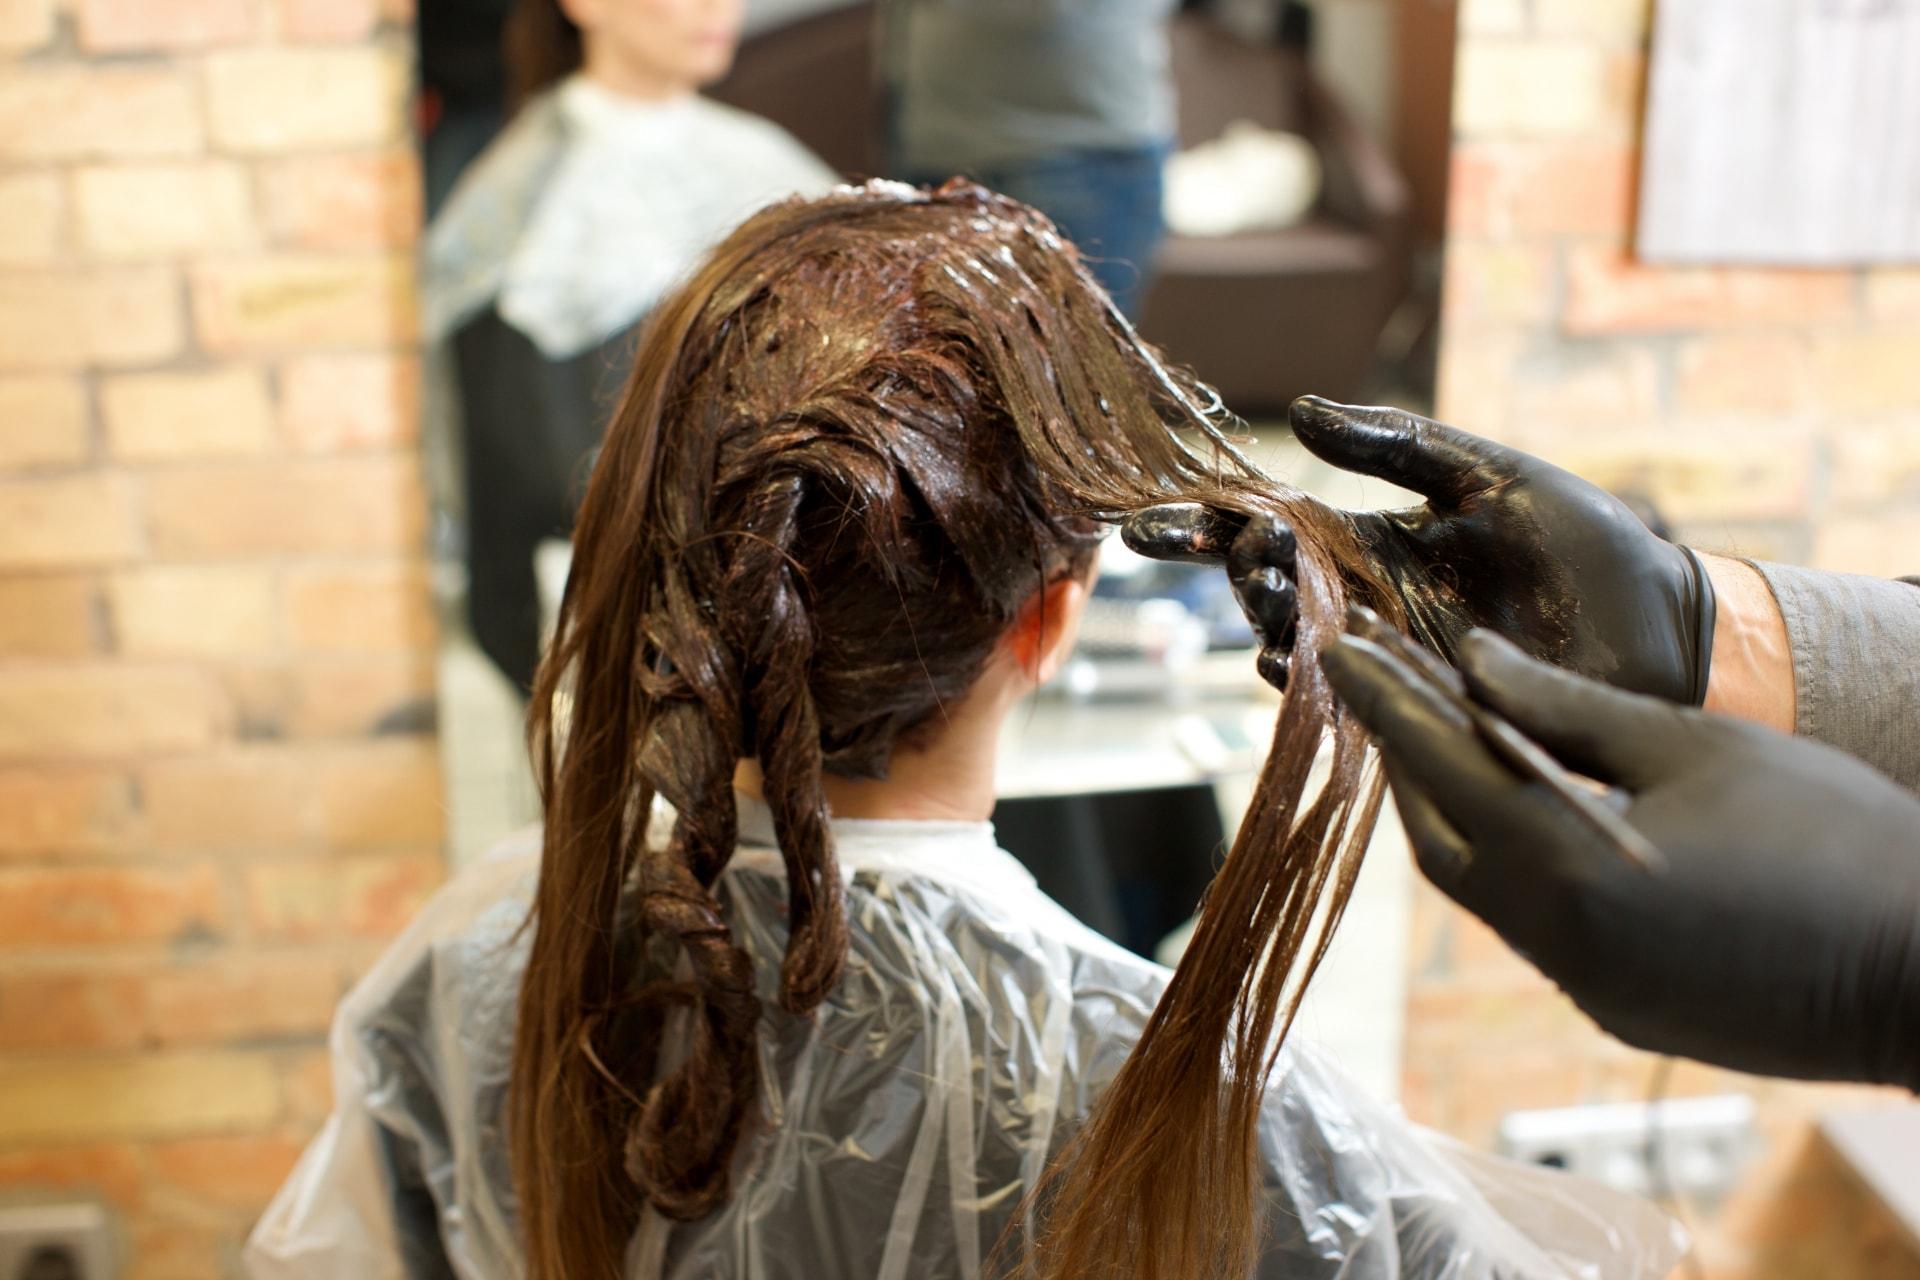 【女性の薄毛】ヘアカラーは女性の薄毛の原因!